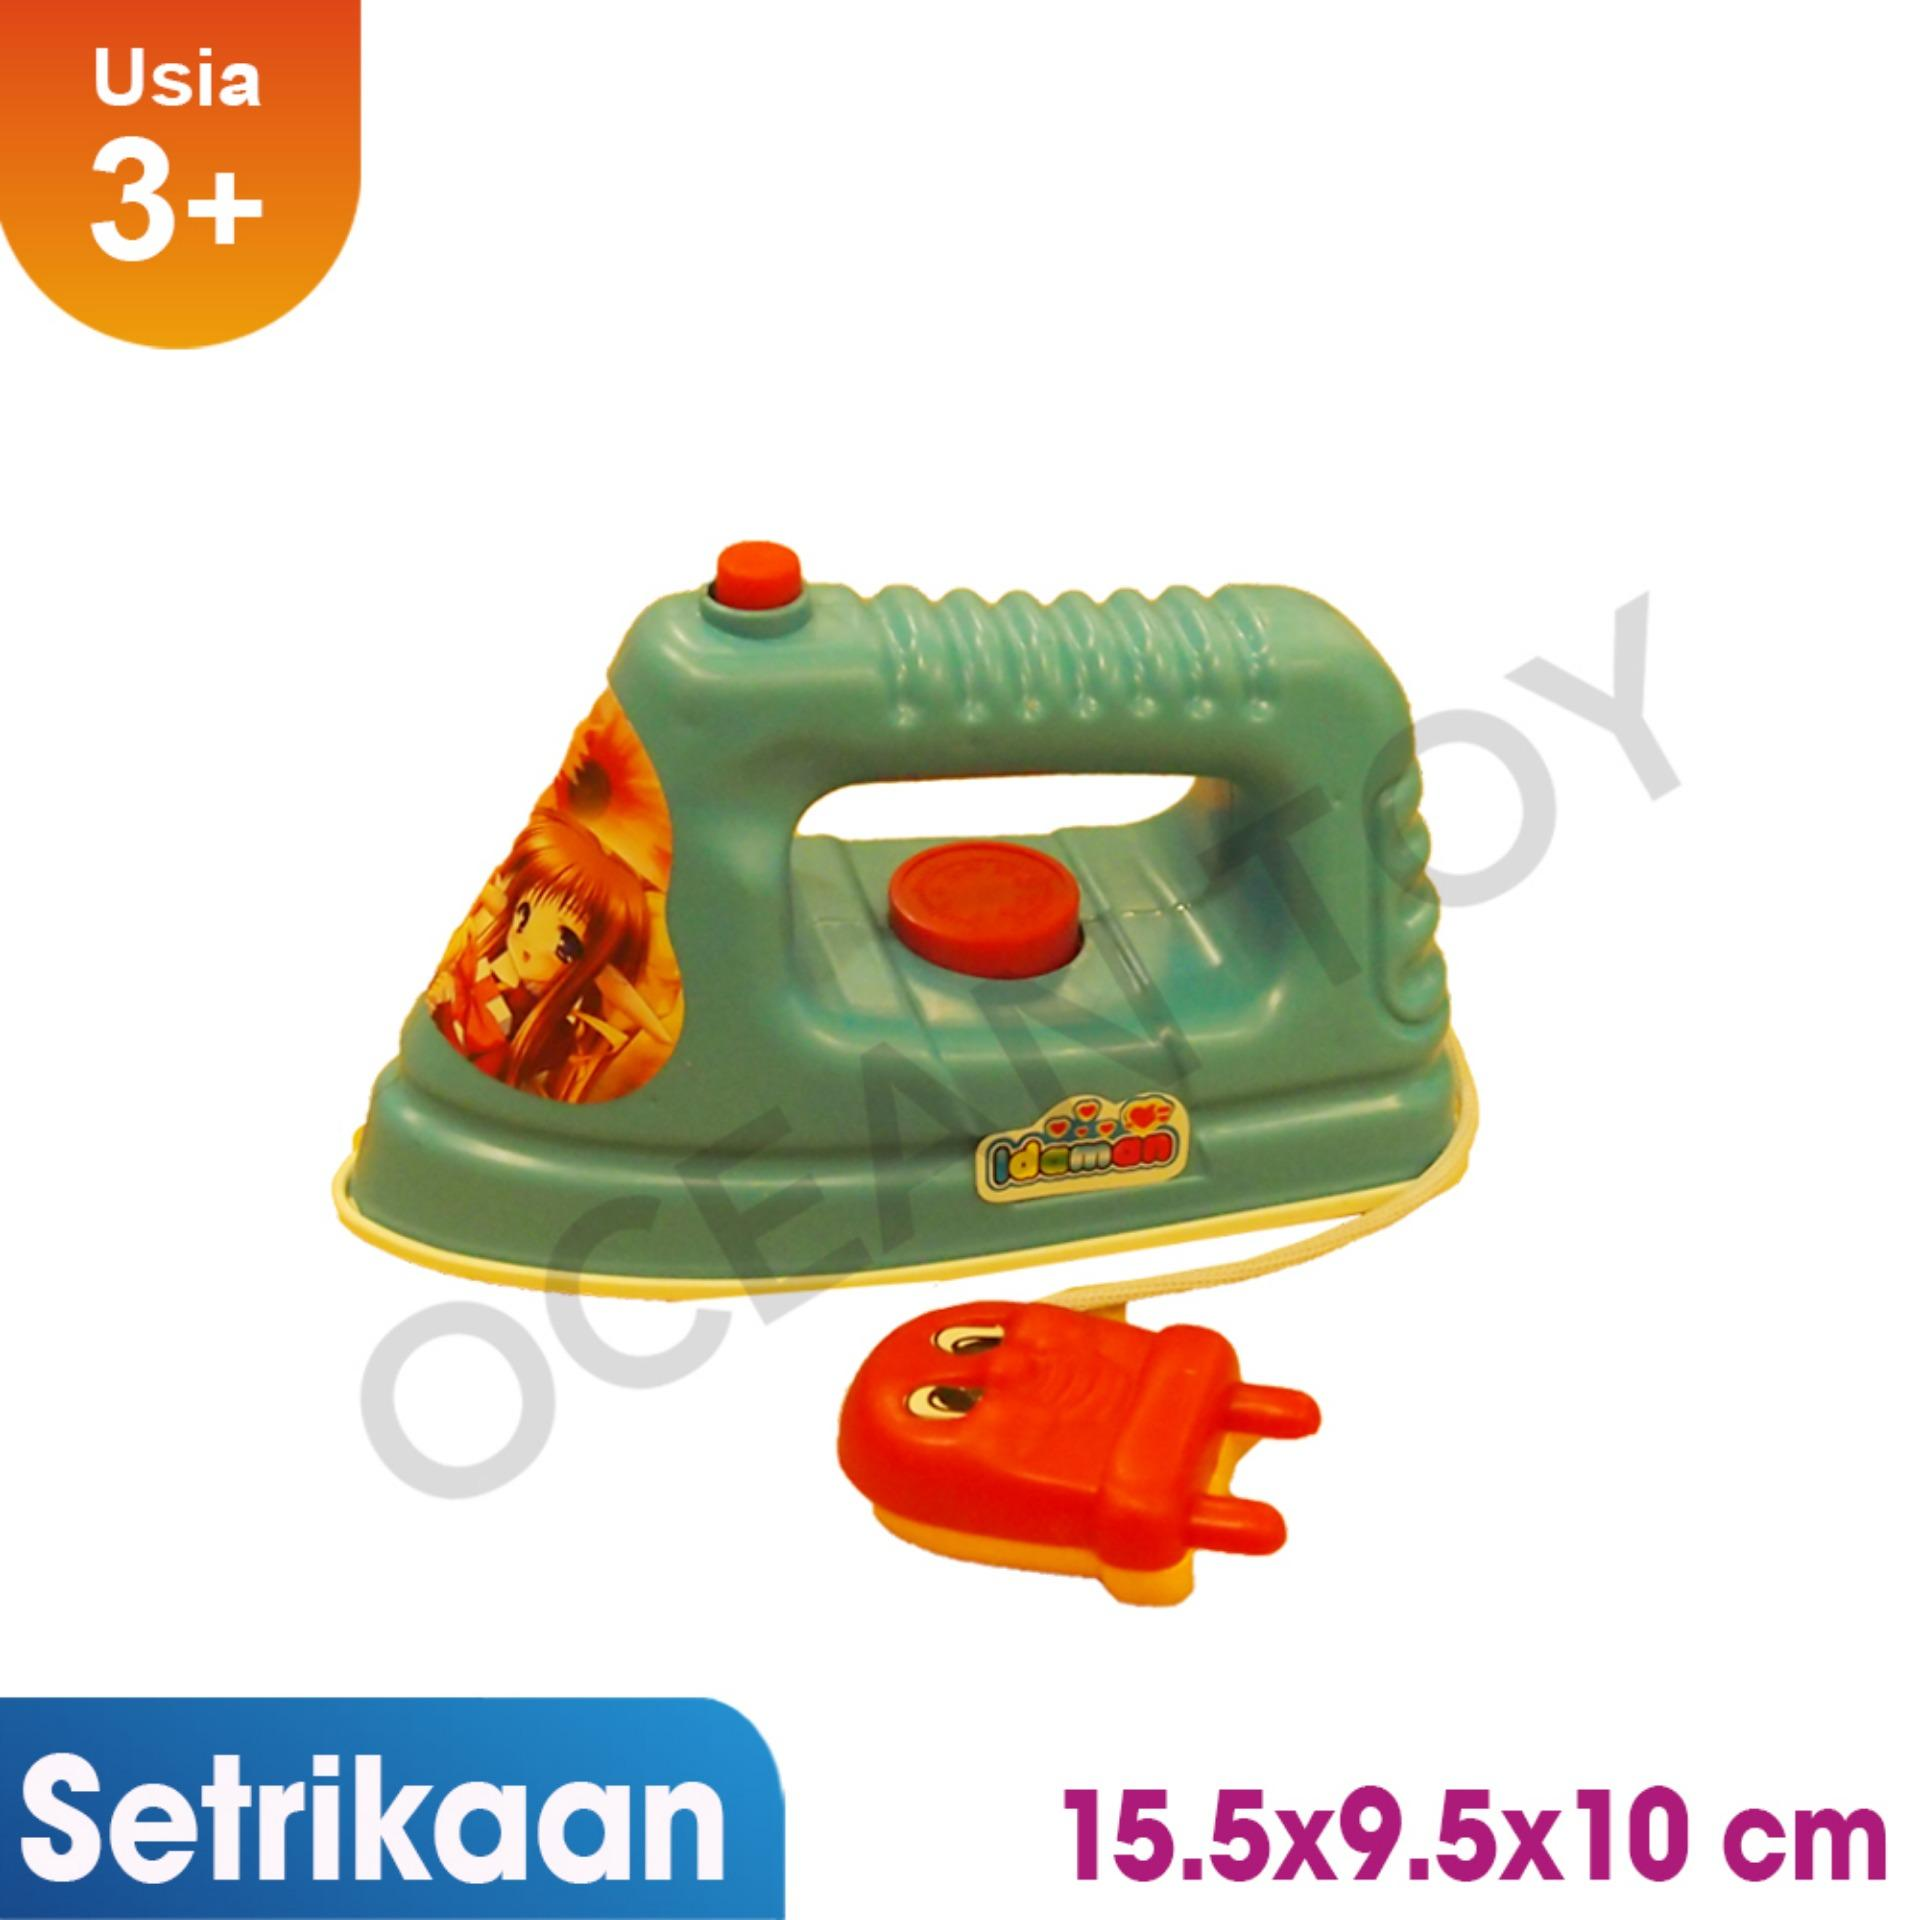 Ocean Toy Setrikaan Mainan Anak - OCT242 - Multicolor